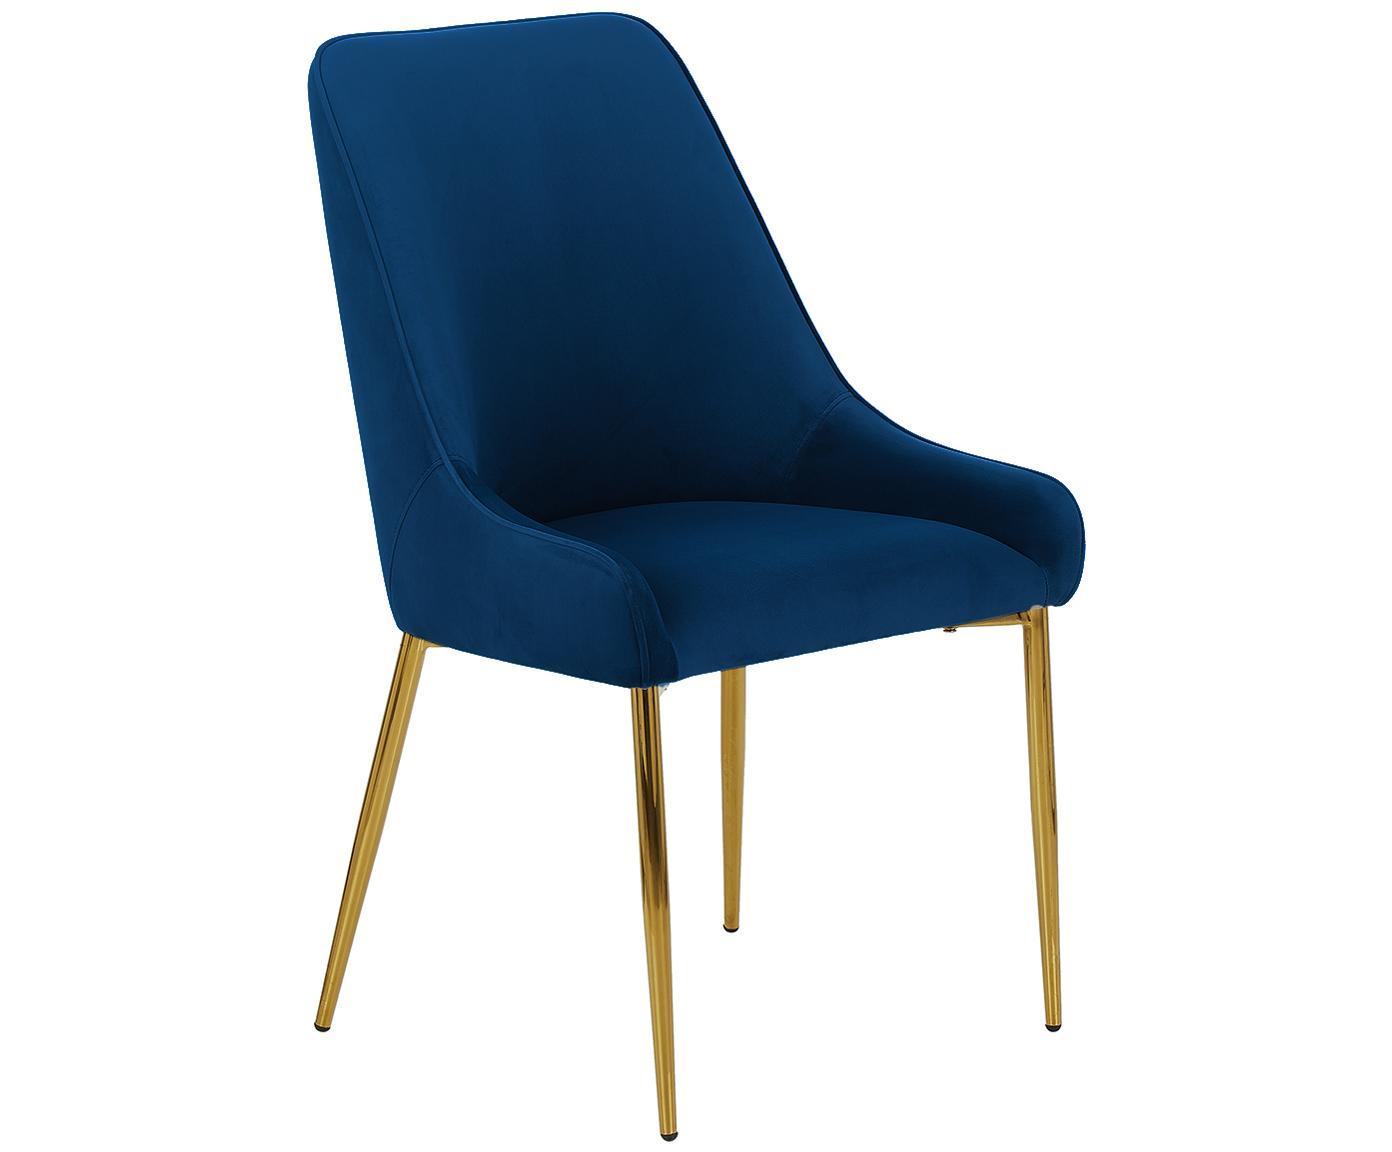 Samt-Polsterstuhl Ava mit goldfarbenen Beinen, Bezug: Samt (100% Polyester) 50., Beine: Metall, galvanisiert, Dunkelblau, B 53 x T 60 cm